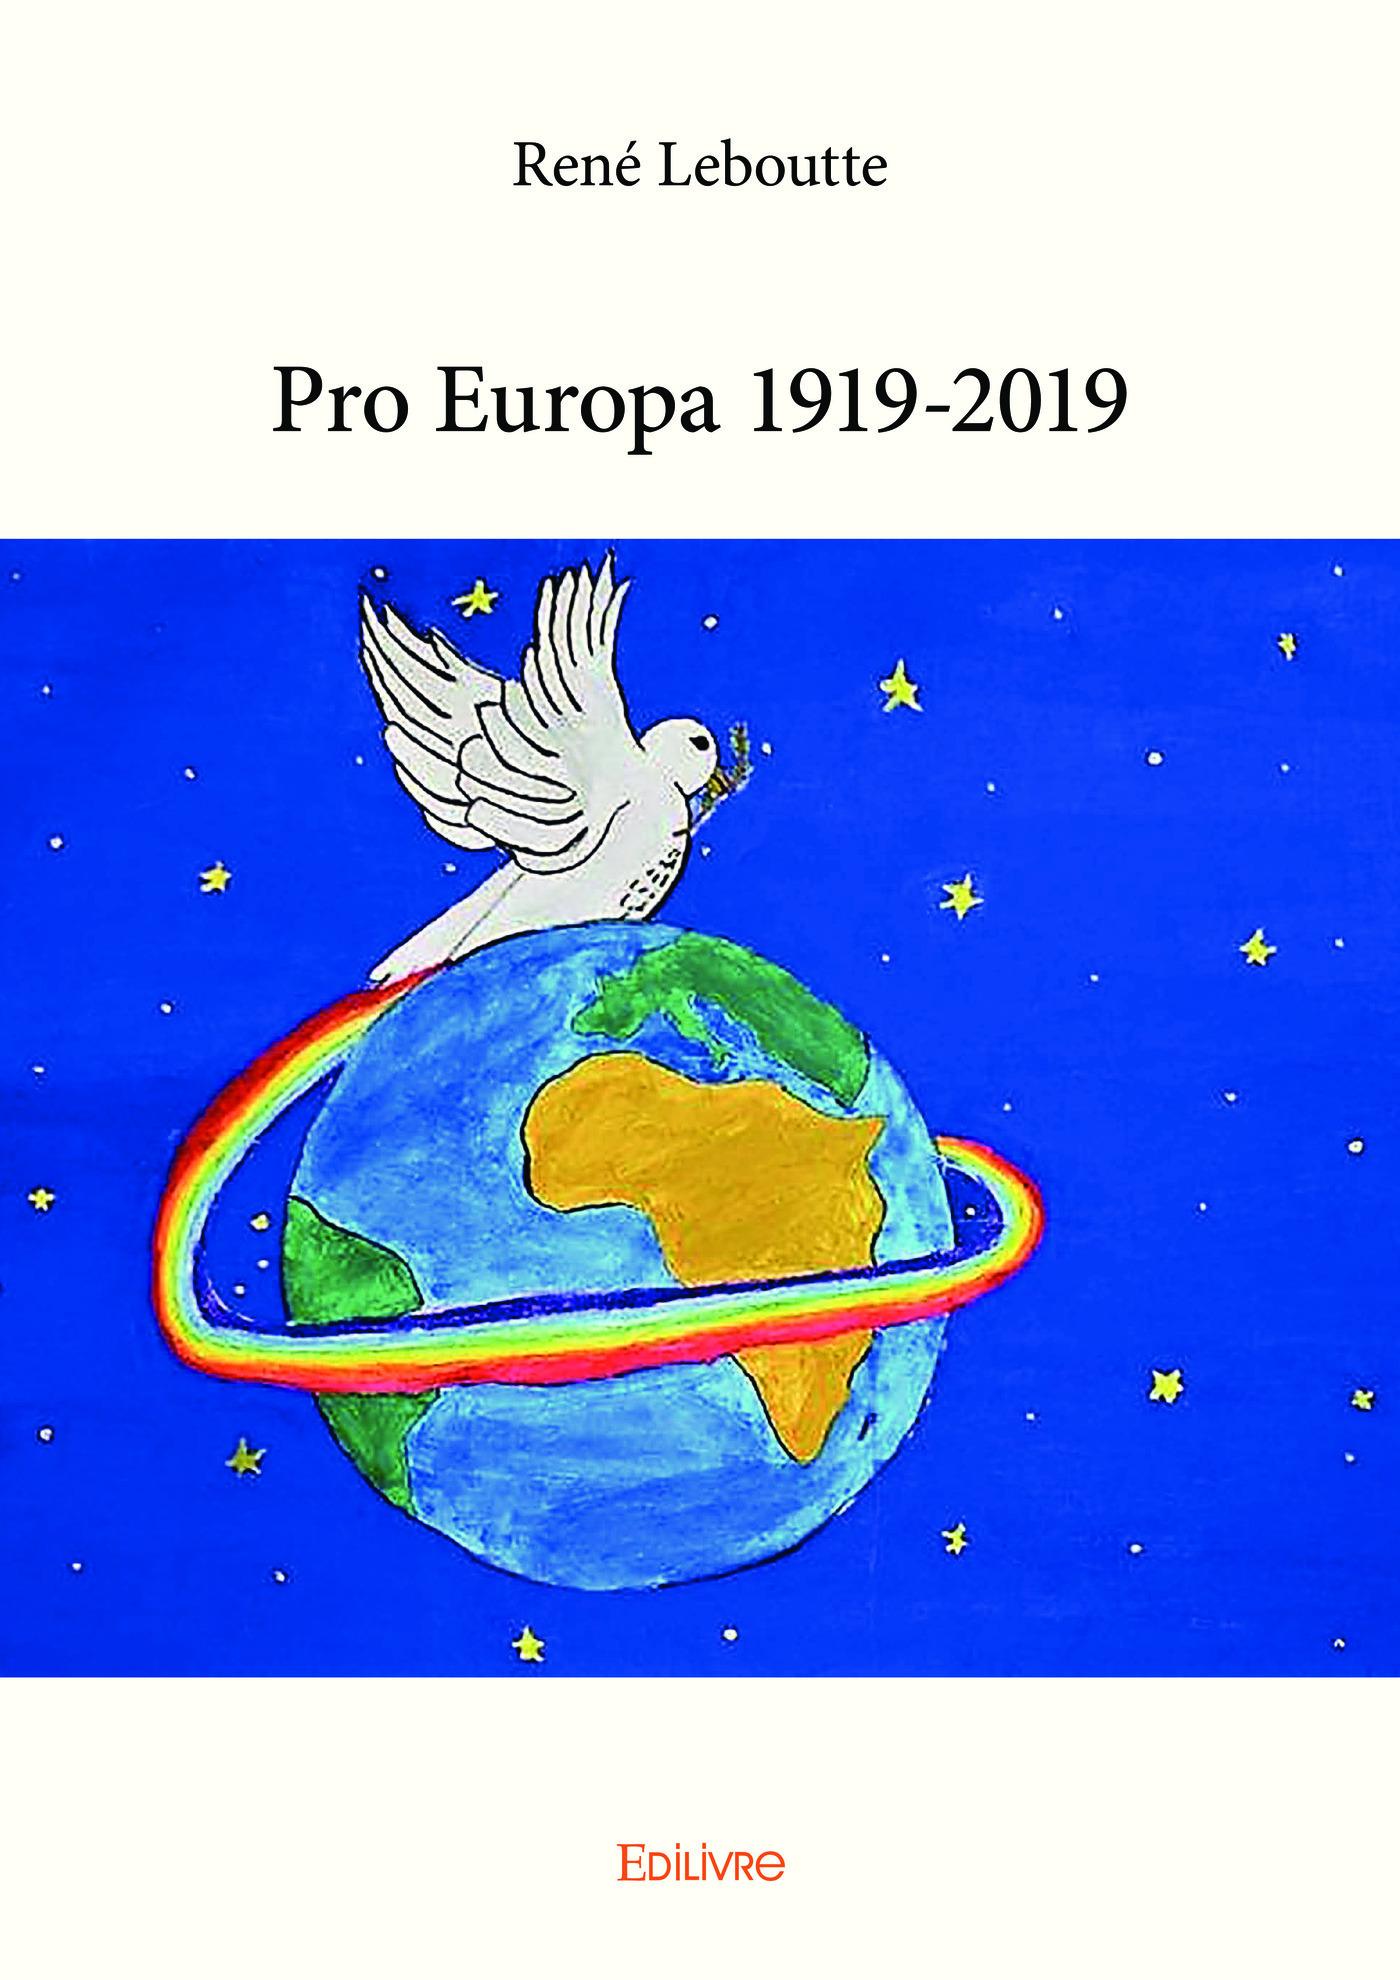 Pro Europa 1919-2019  - René Leboutte